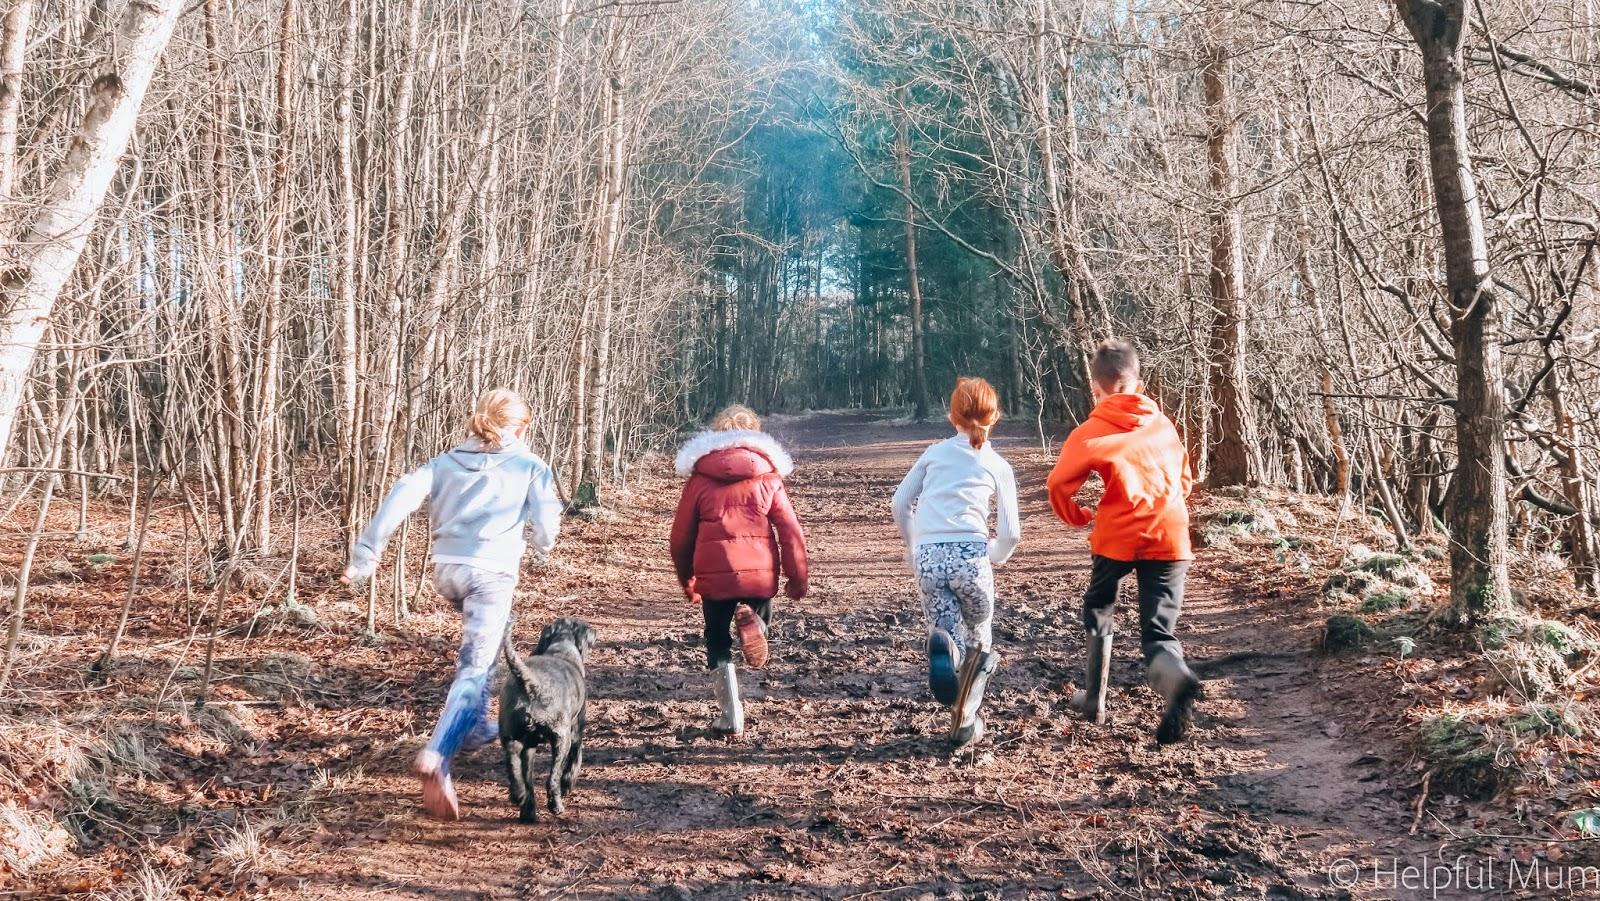 running through the woods